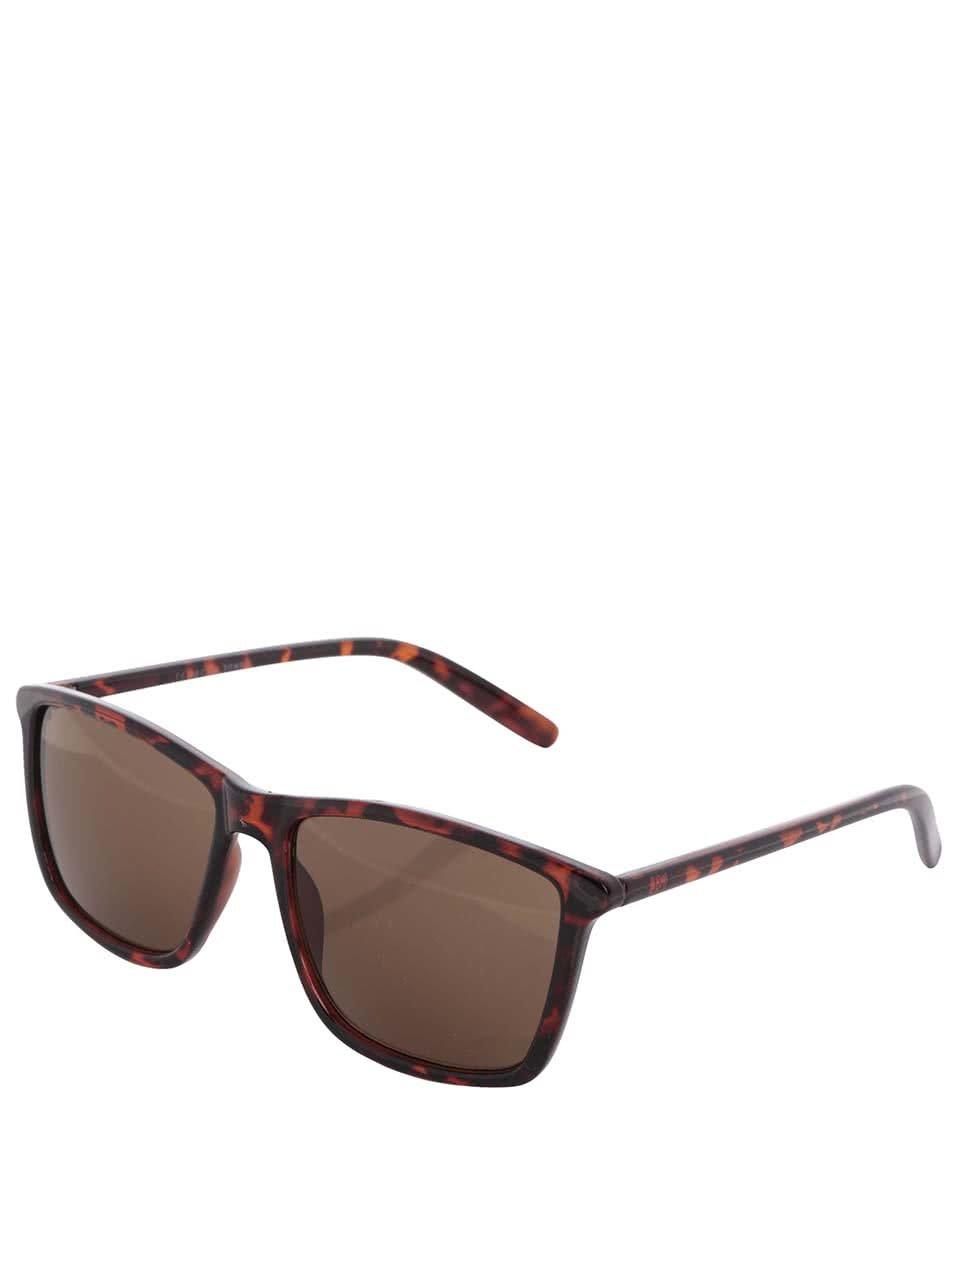 Hnědé želvovinové sluneční brýle Jack & Jones Jack